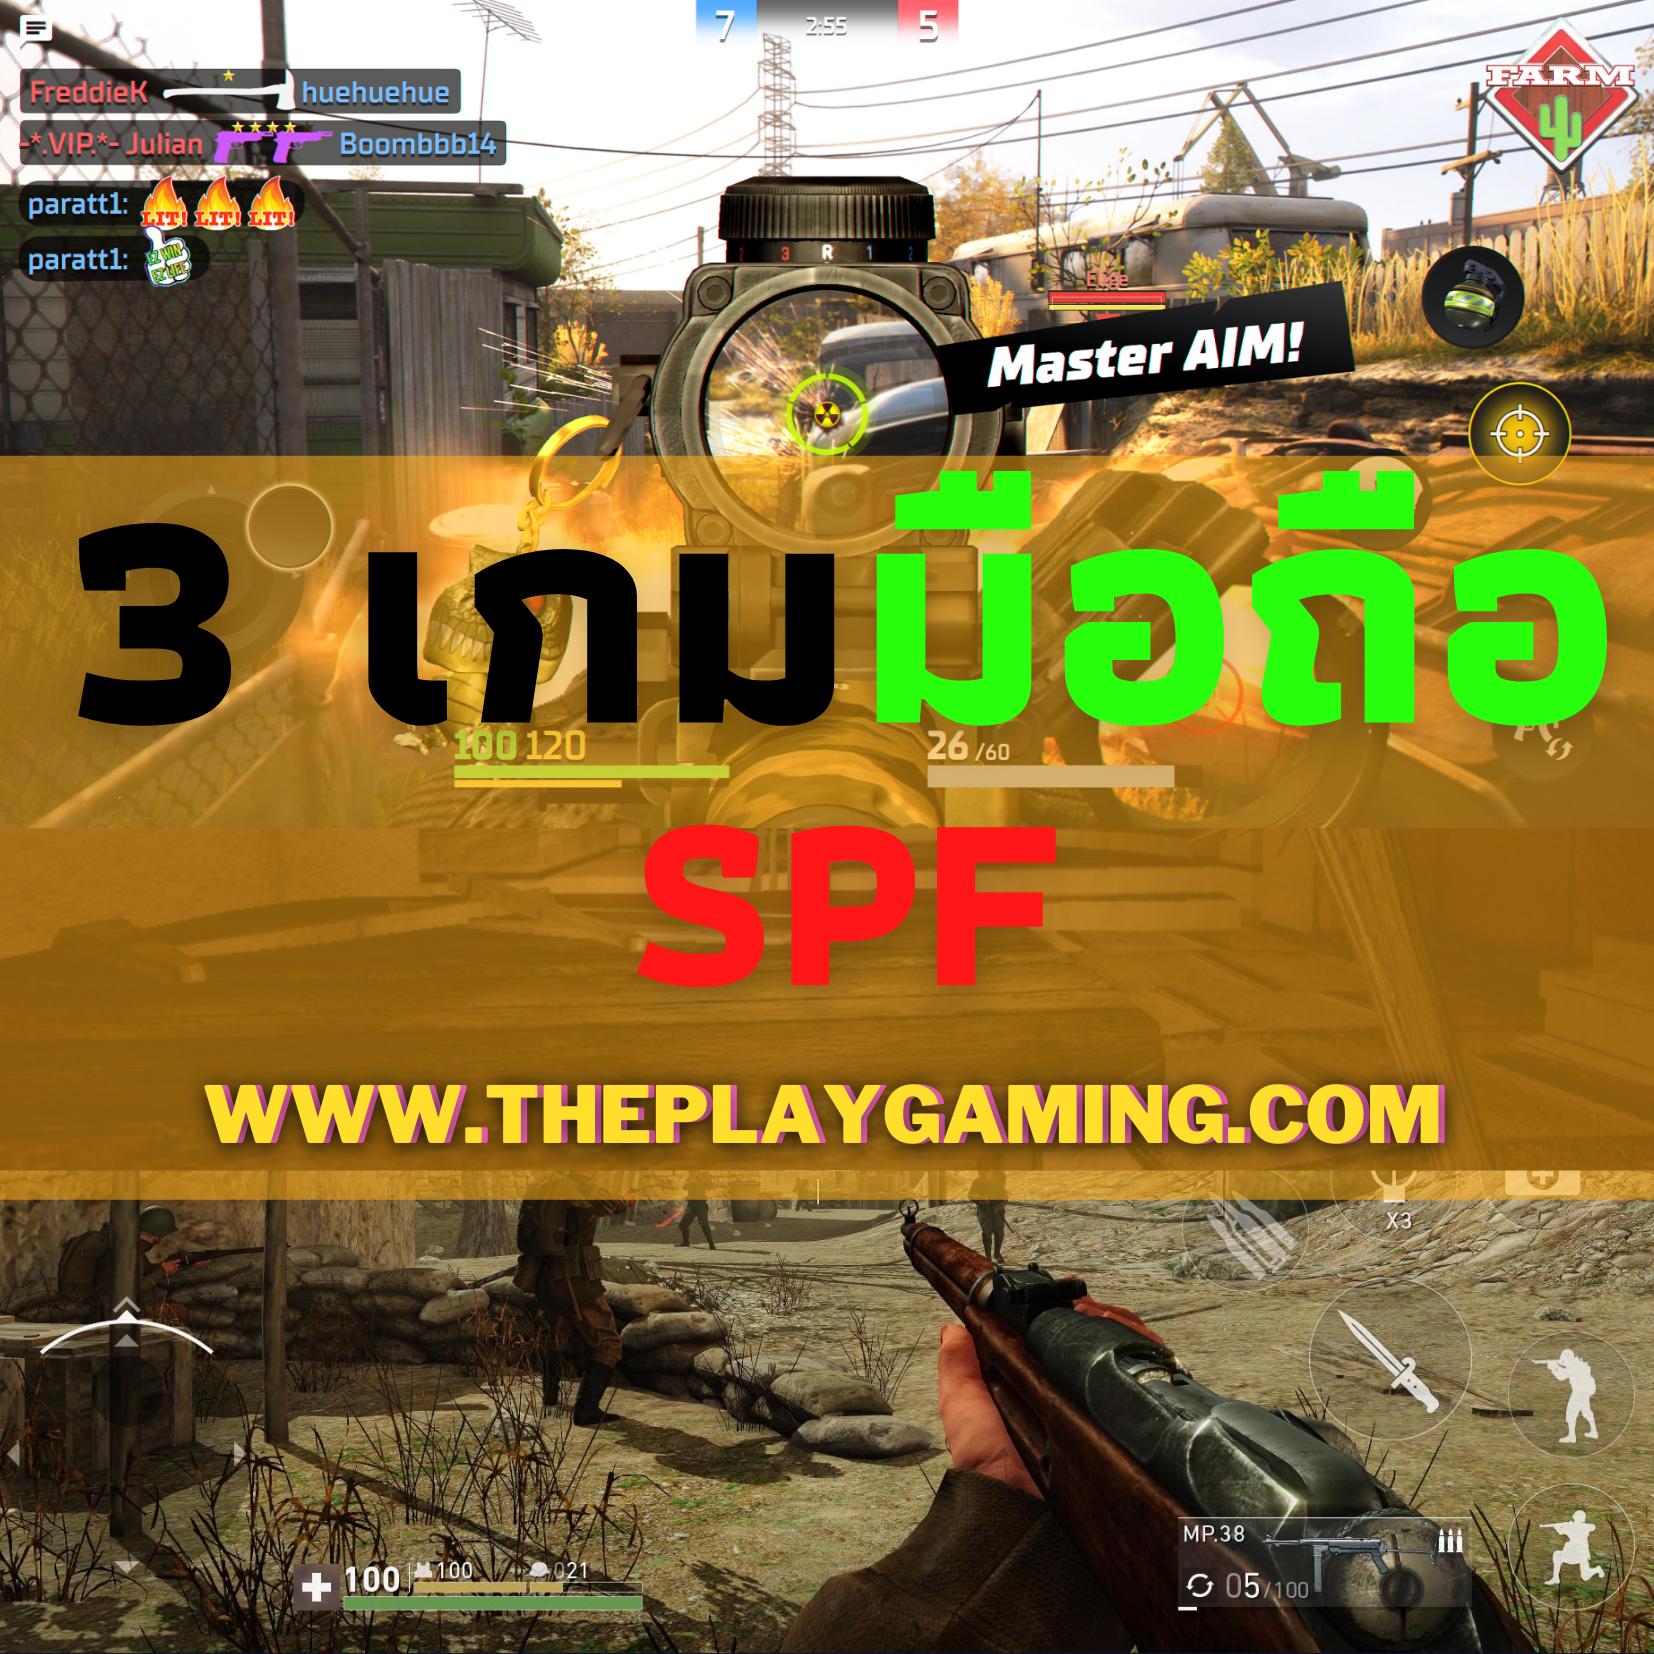 รวม 3 เกมมือถือแนว SPF แอคชั่นกระหน่ำ ยิงกระจาย มามอบให้กับผู้เล่นสาวกคอเกมสุดมันส์ Ghosts of War WW2 สไตล์สงครามโลก BattleOps Action Strike theplaygaming